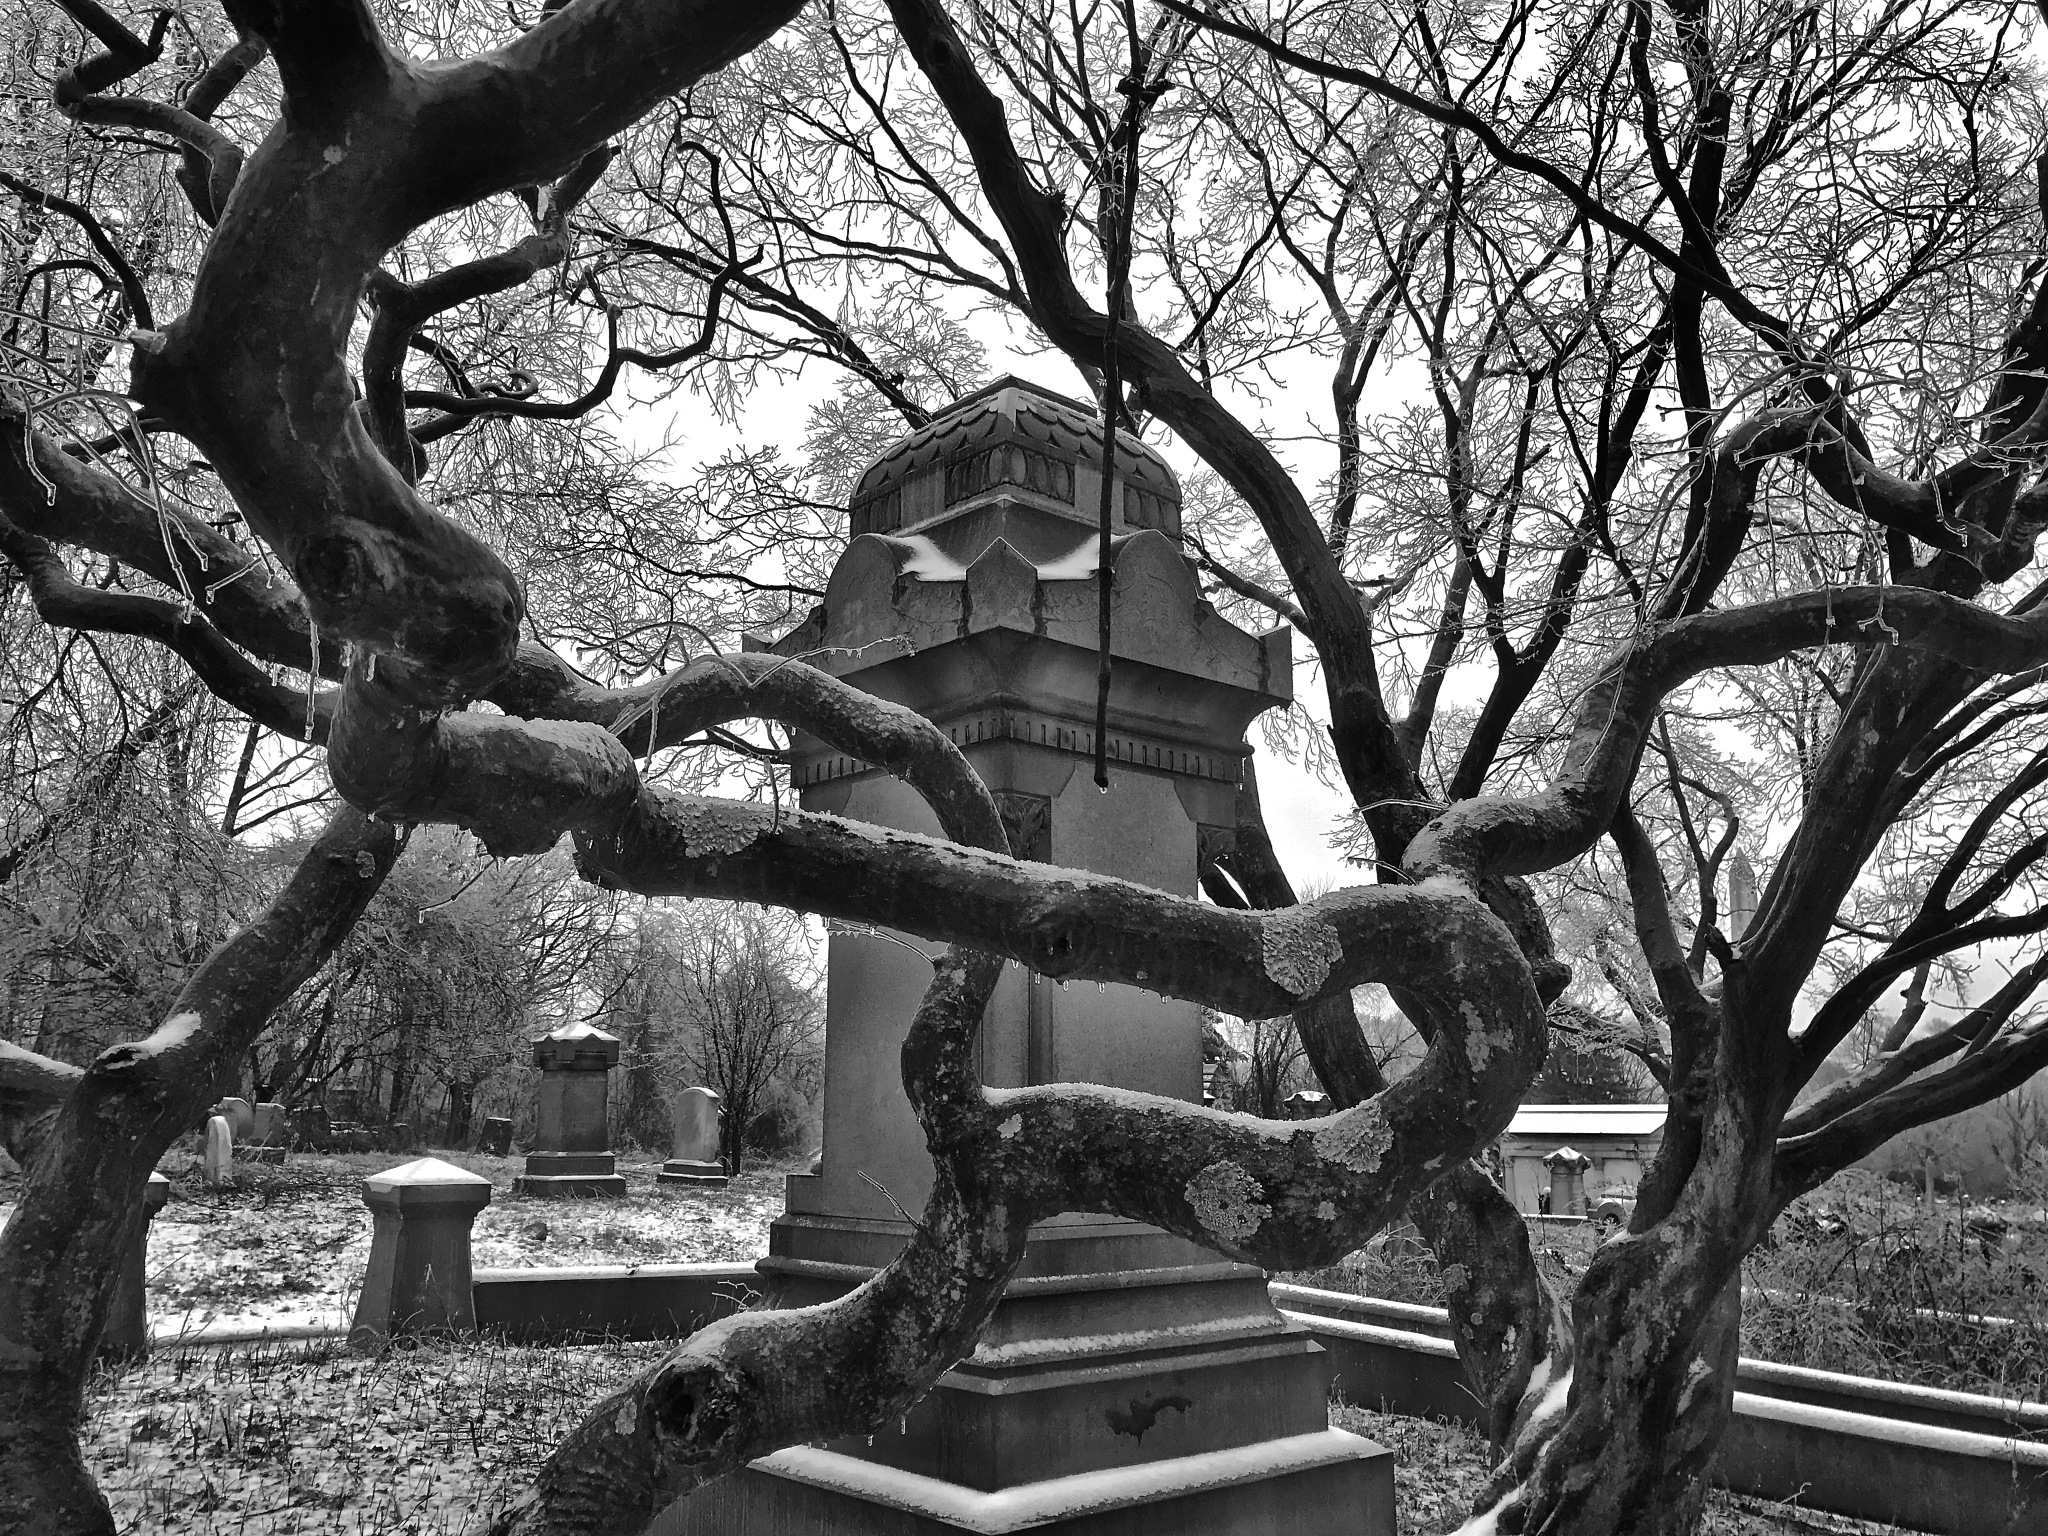 Mount Moriah Cemetery - Philadelphia by warriston